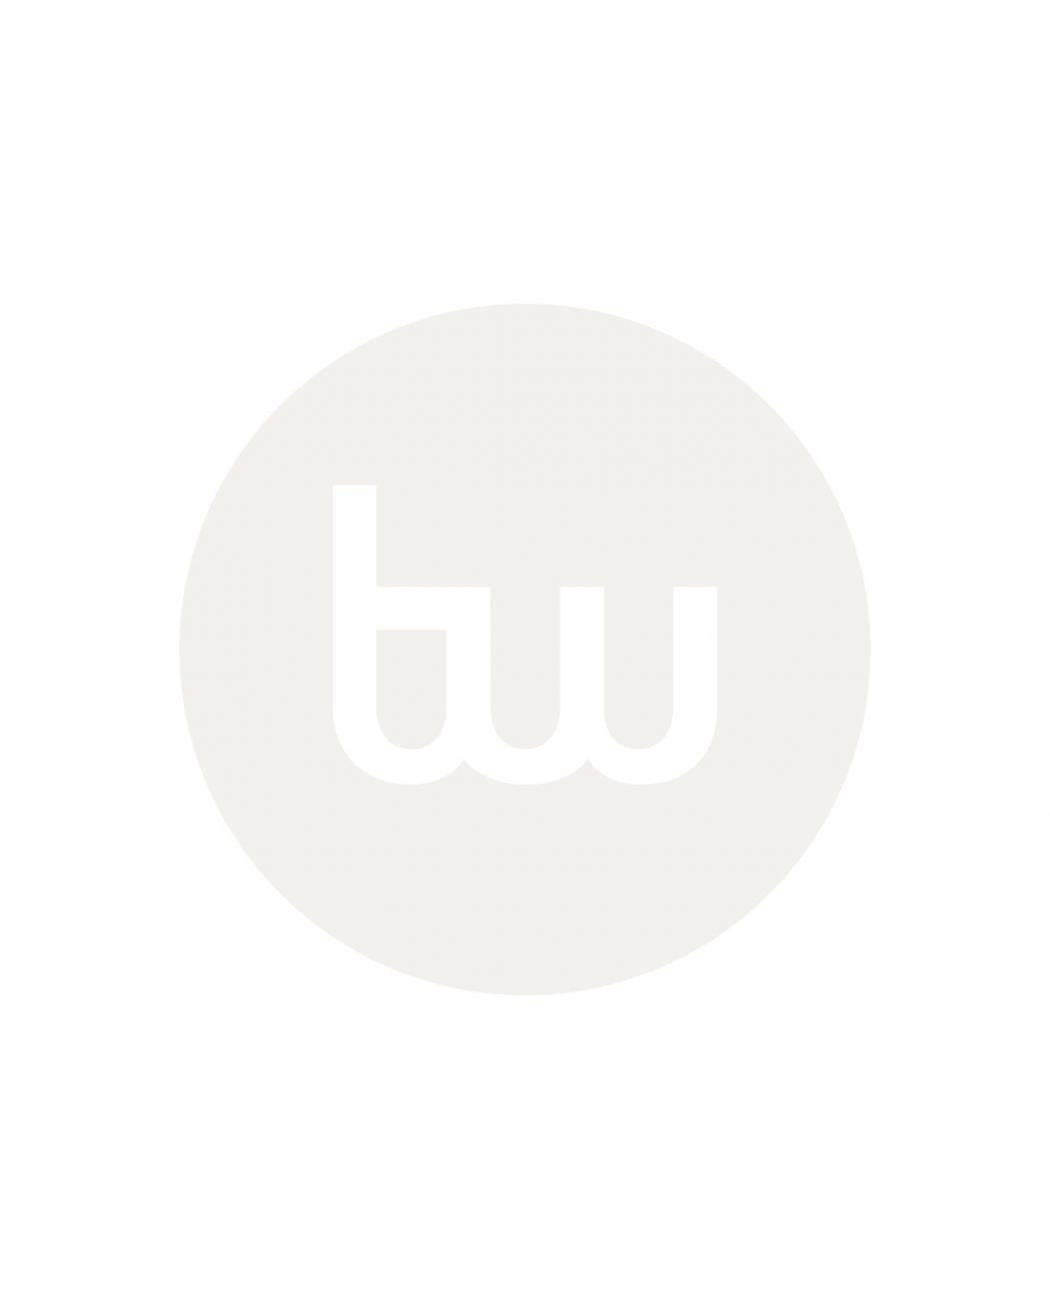 Salomon XA Pro 3D MID GTX® Forces 2 Wolf - TACWRK 01e672629db5